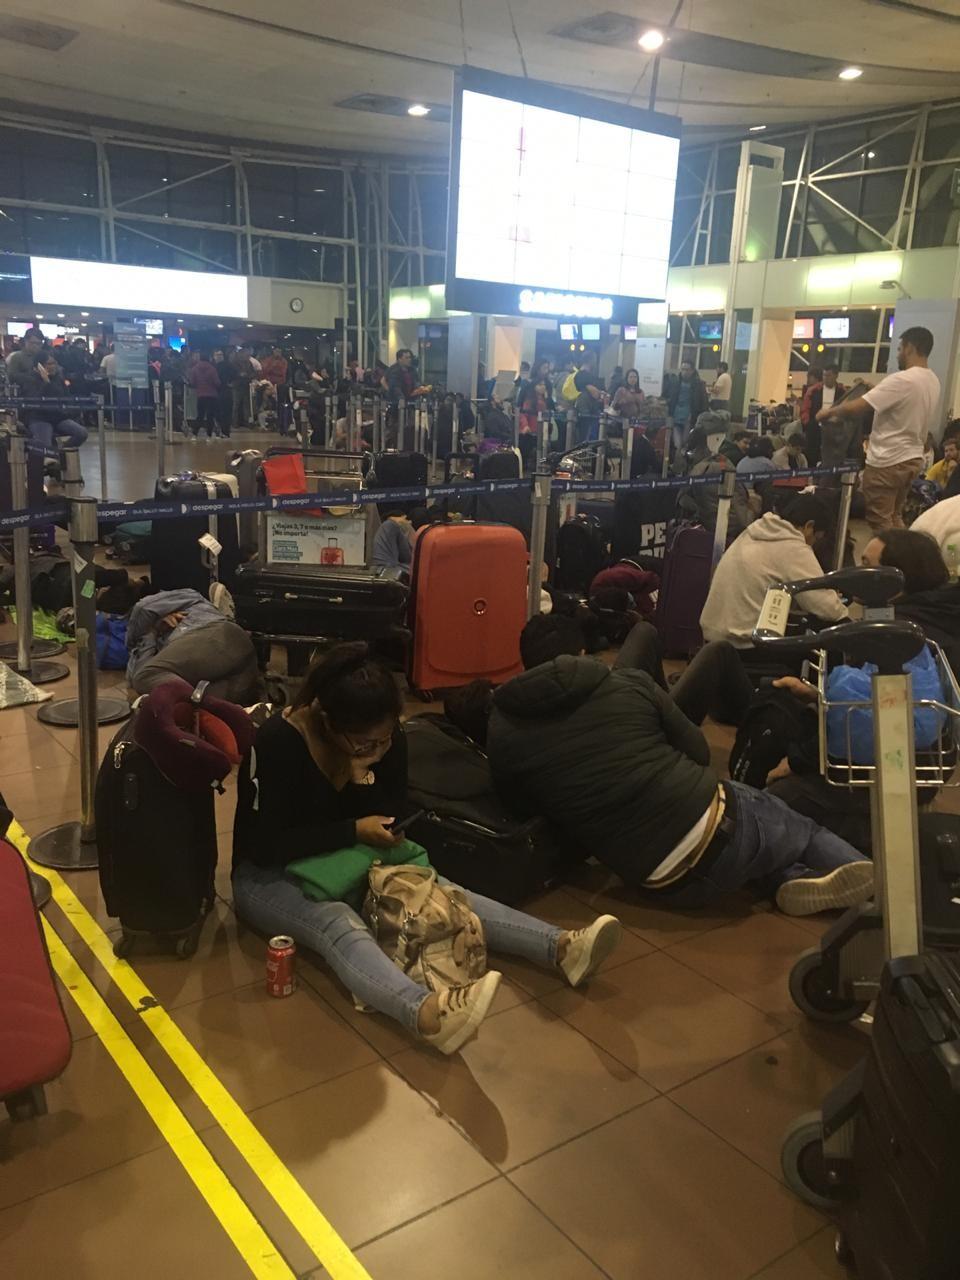 Brasileira dorme no chão de aeroporto do Chile em meio a protestos: 'Caos' - Notícias - Plantão Diário